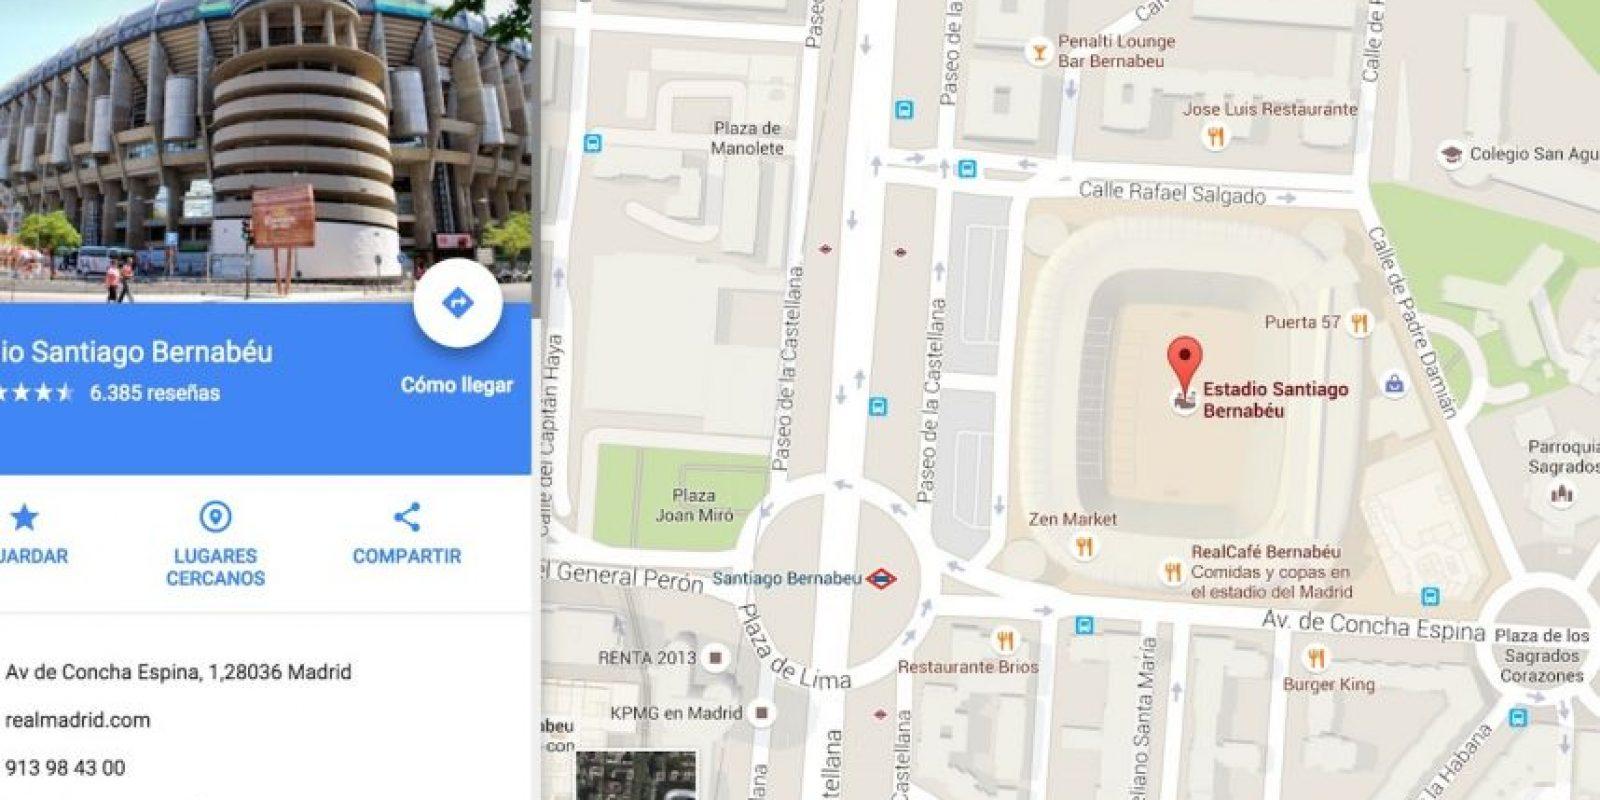 """Escribir """"comepipas"""" redirige al Santiago Bernabéu. Foto:Vía Google Maps"""